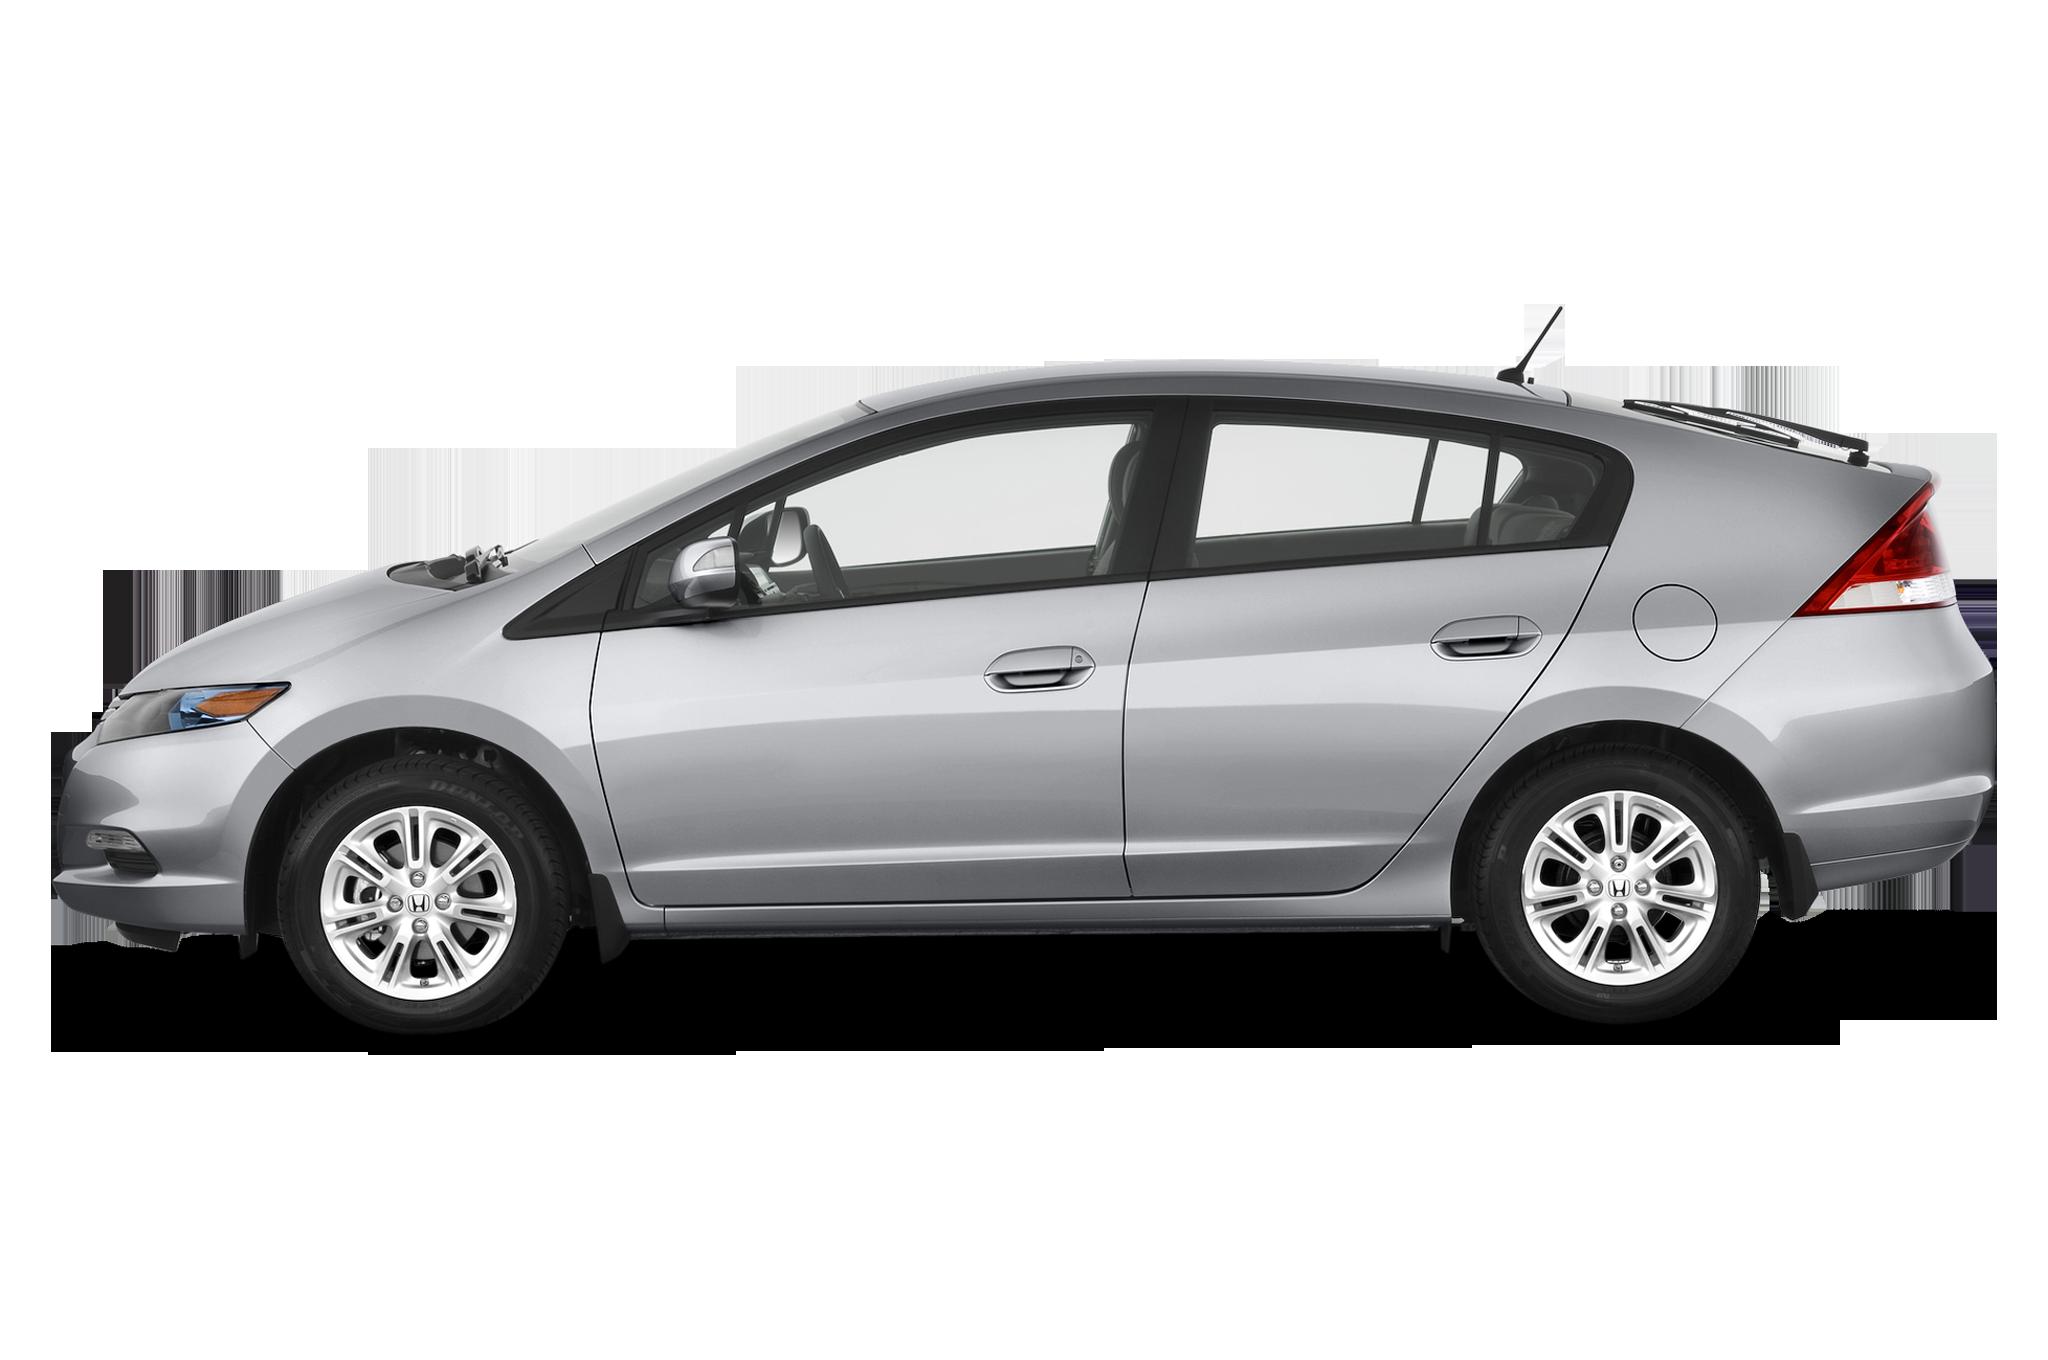 2010 Honda Insight - Fuel Efficient Cars, Hybrids and Reviews - Automobile Magazine